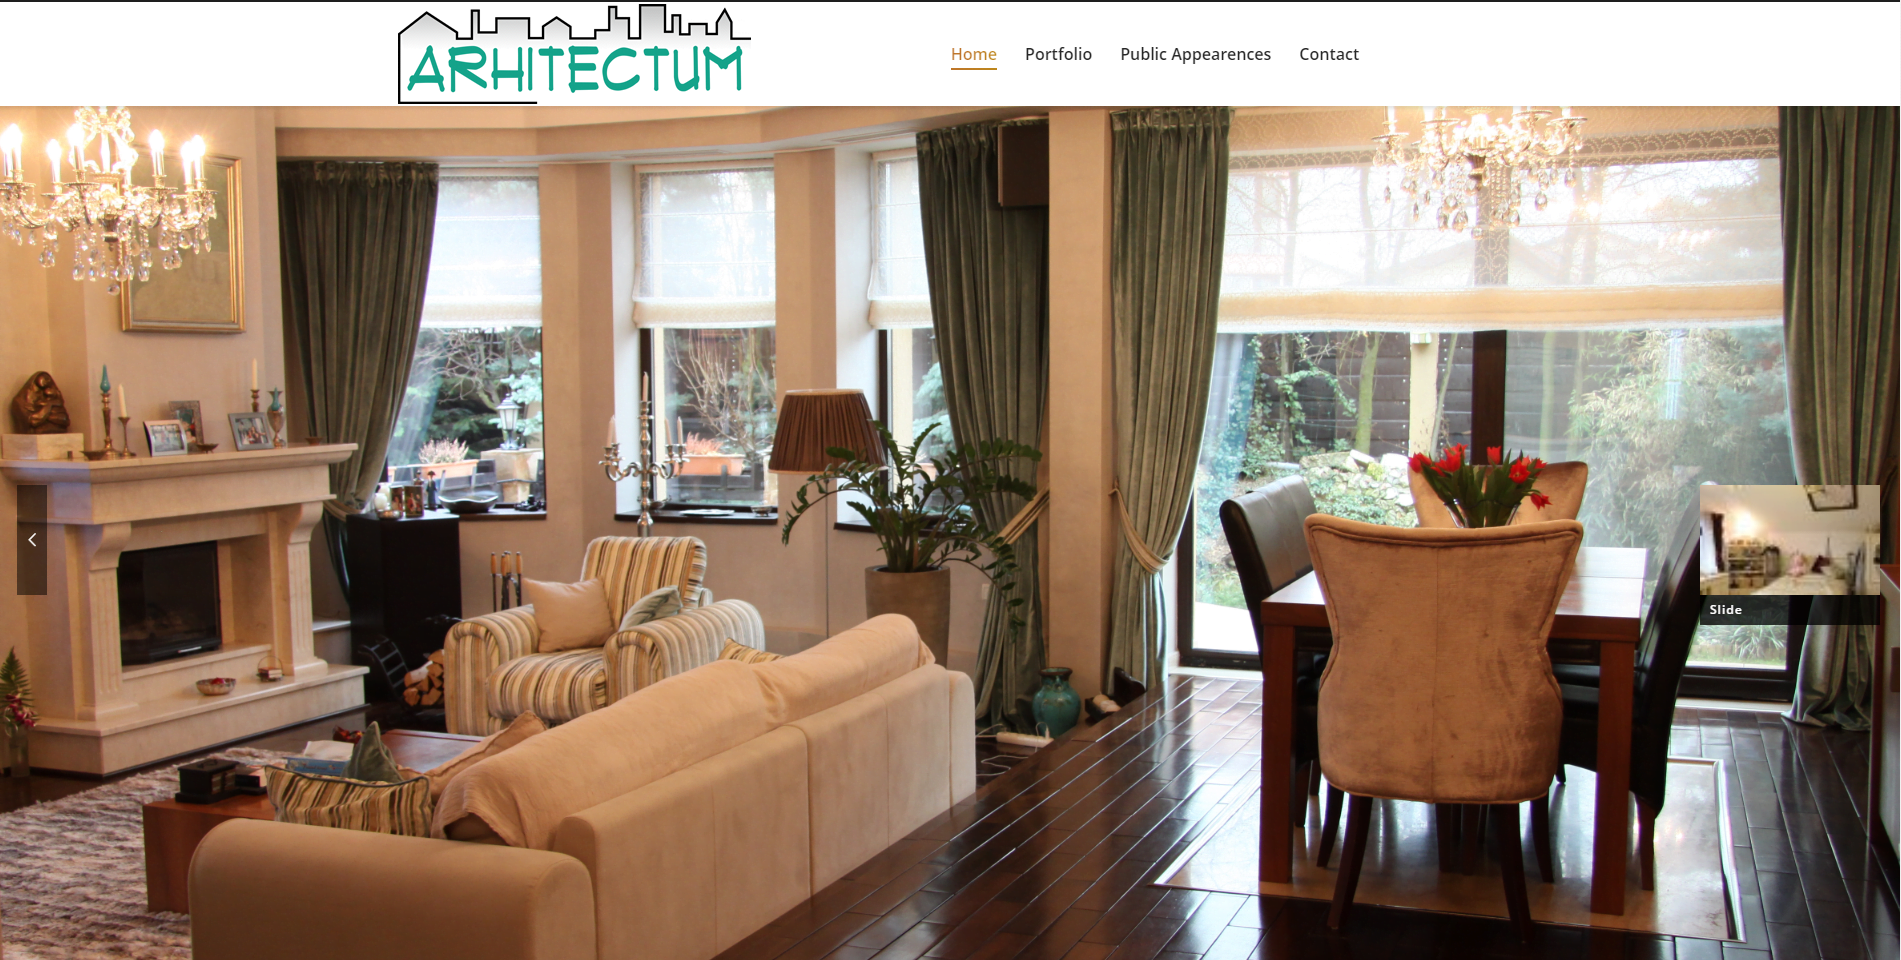 Arhitectum